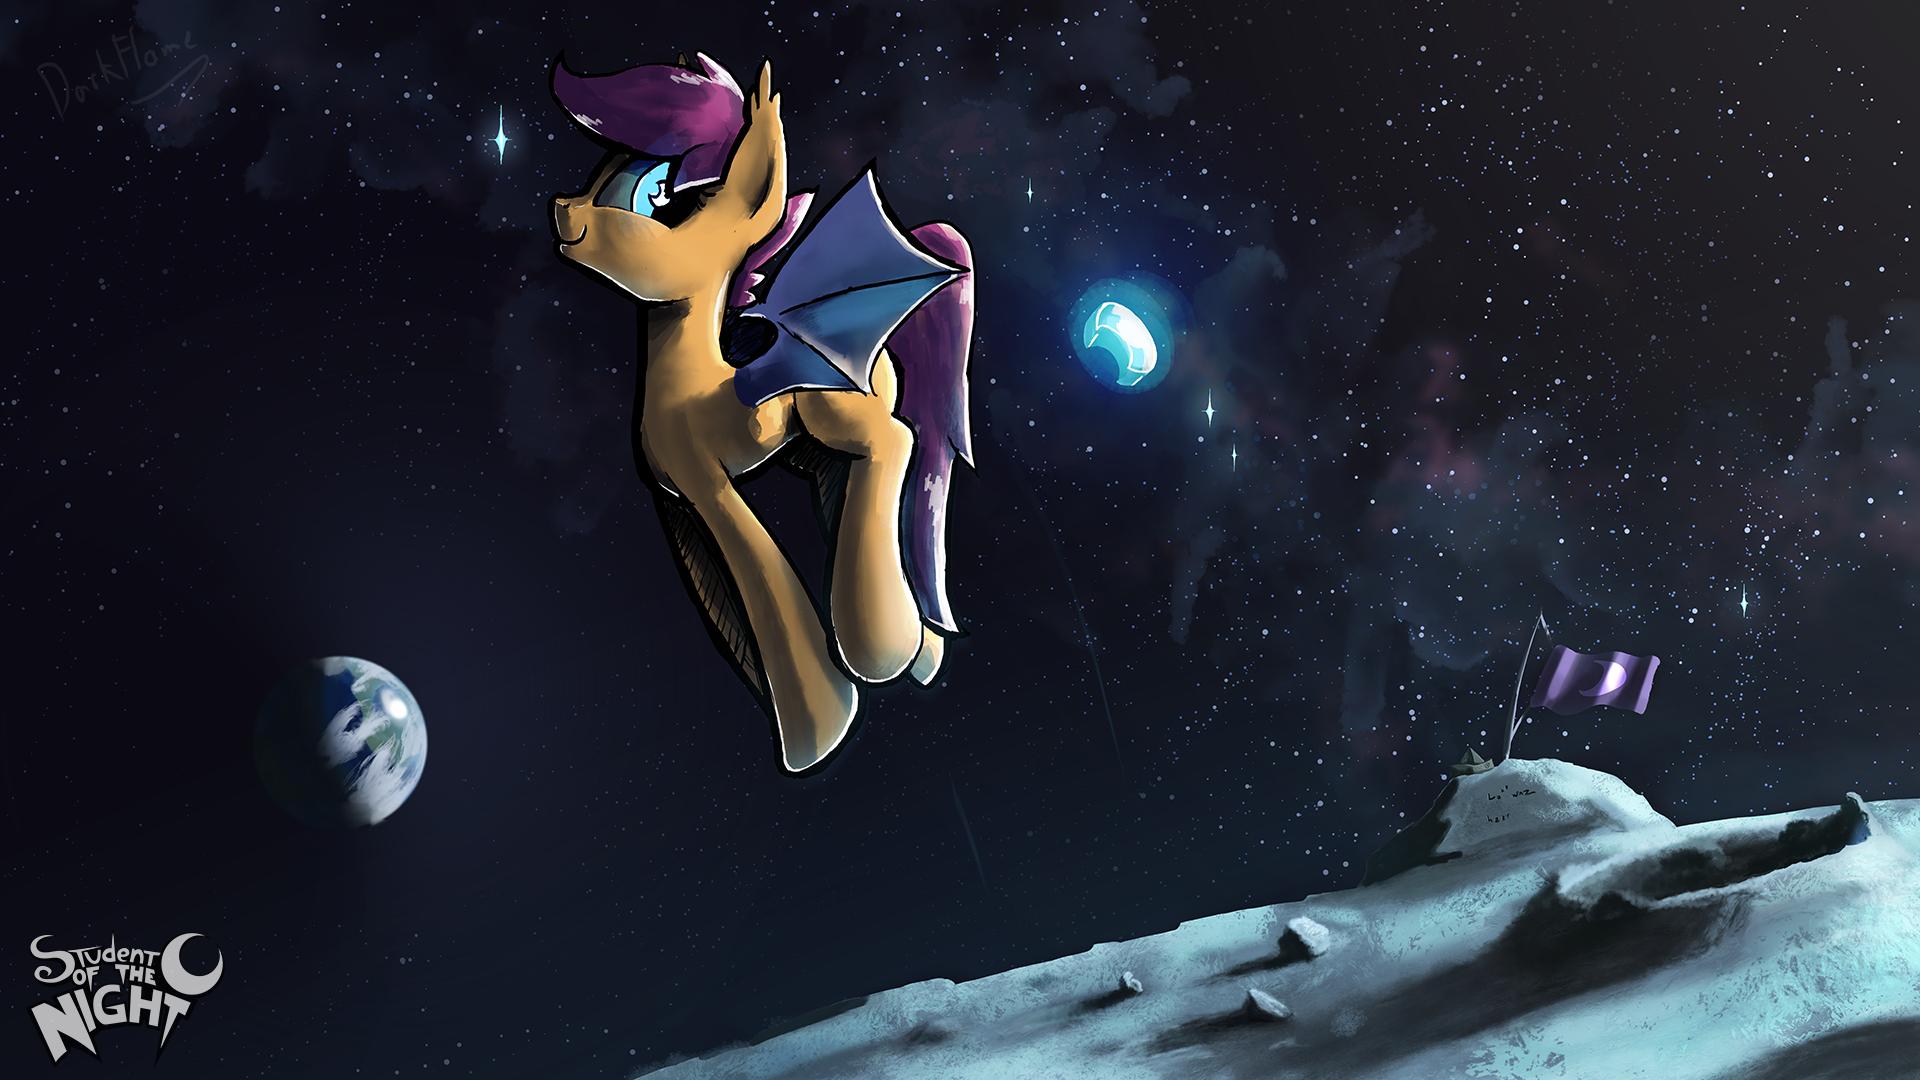 scootabat on the moon sotn 4k follower wallpaper by